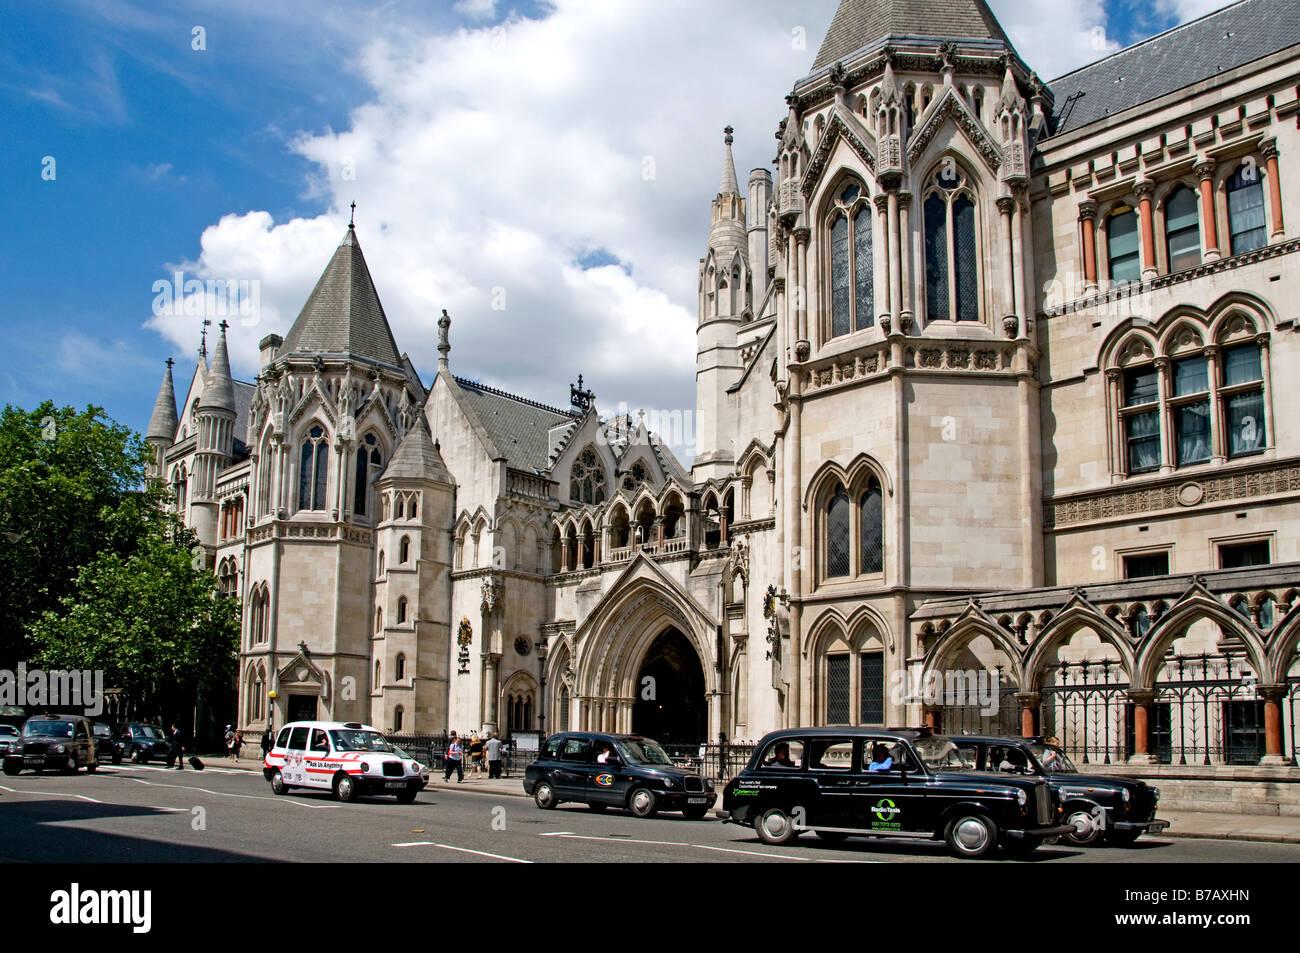 Londres las Cortes Reales de justicia los tribunales Strand Fleet Street Holborn gótica victoriana Foto de stock